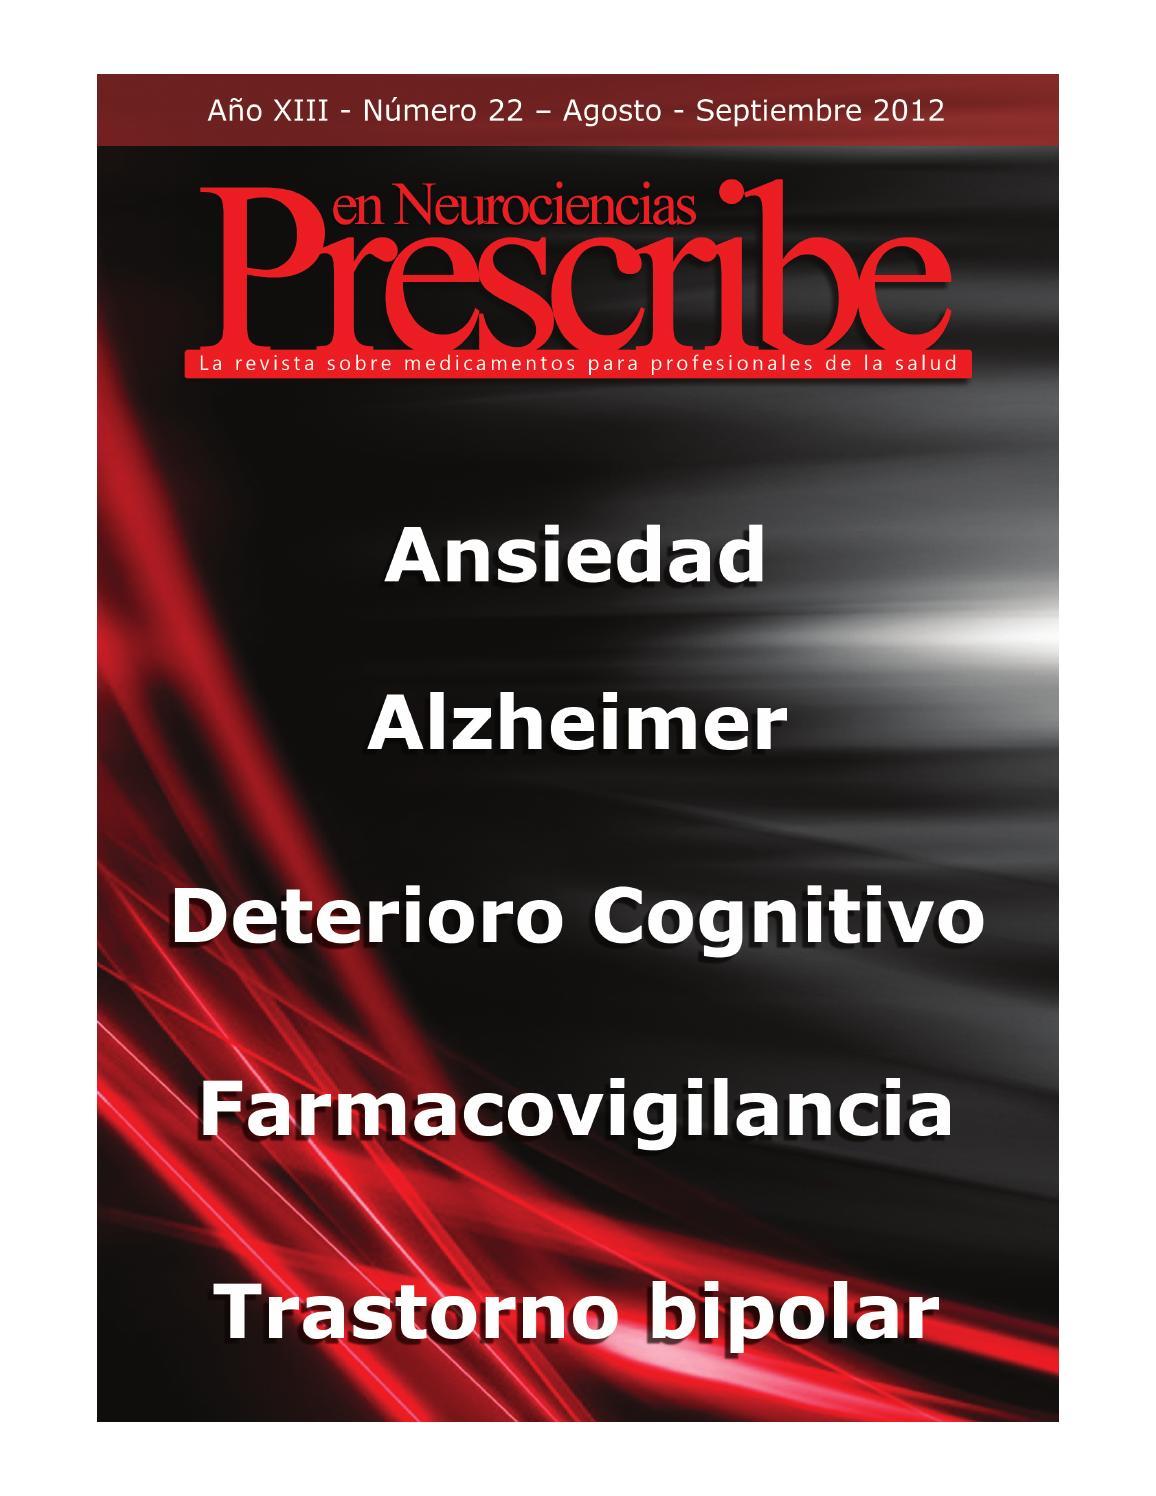 desorden neurocognitivo asociado a vih prevalencia de diabetes